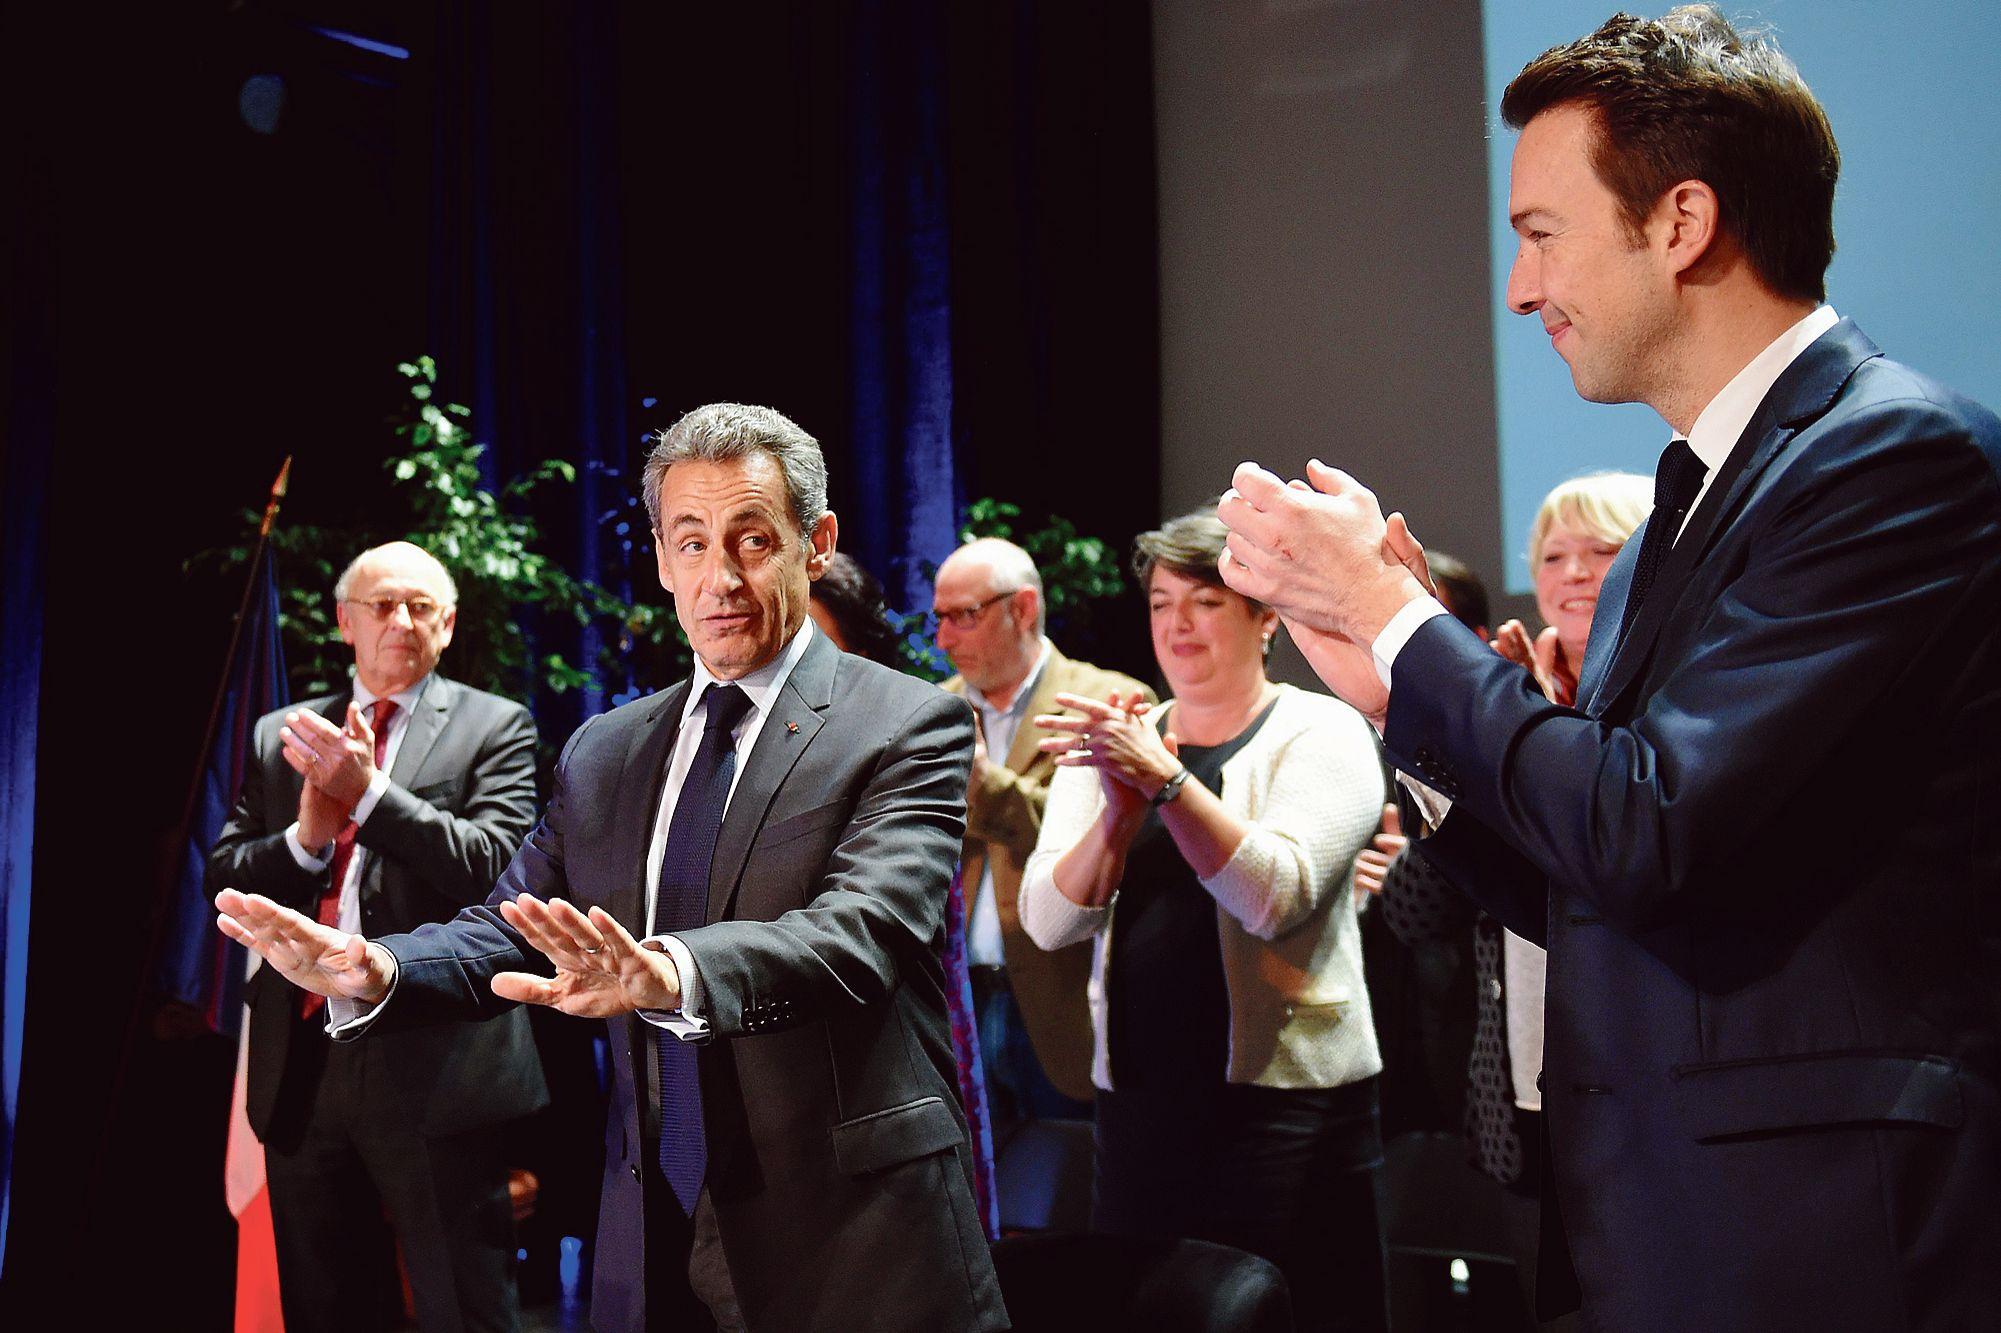 Le plaidoyer de Nicolas Sarkozy en faveur de la République